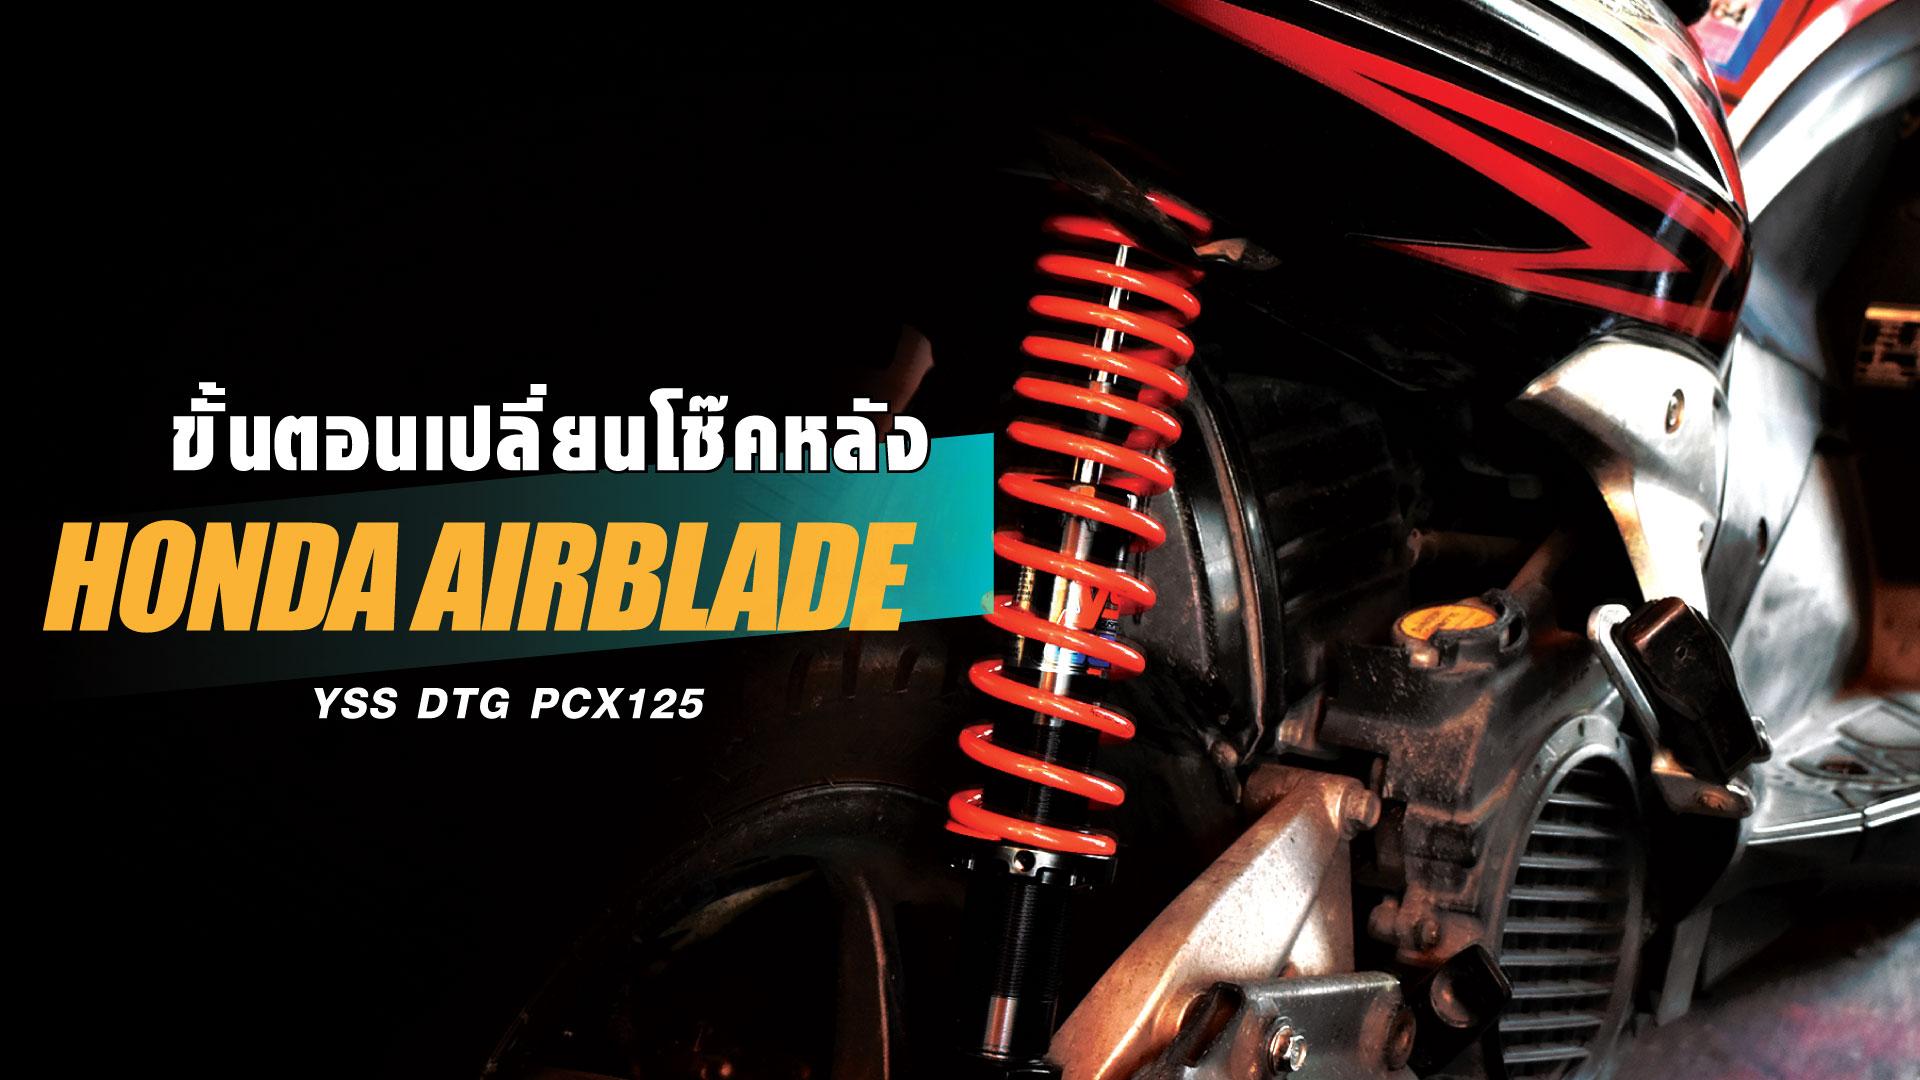 ขั้นตอนเปลี่ยนโช๊คหลัง Air Blade [ Ft. YSS DTG PCX ปีเก่า ]